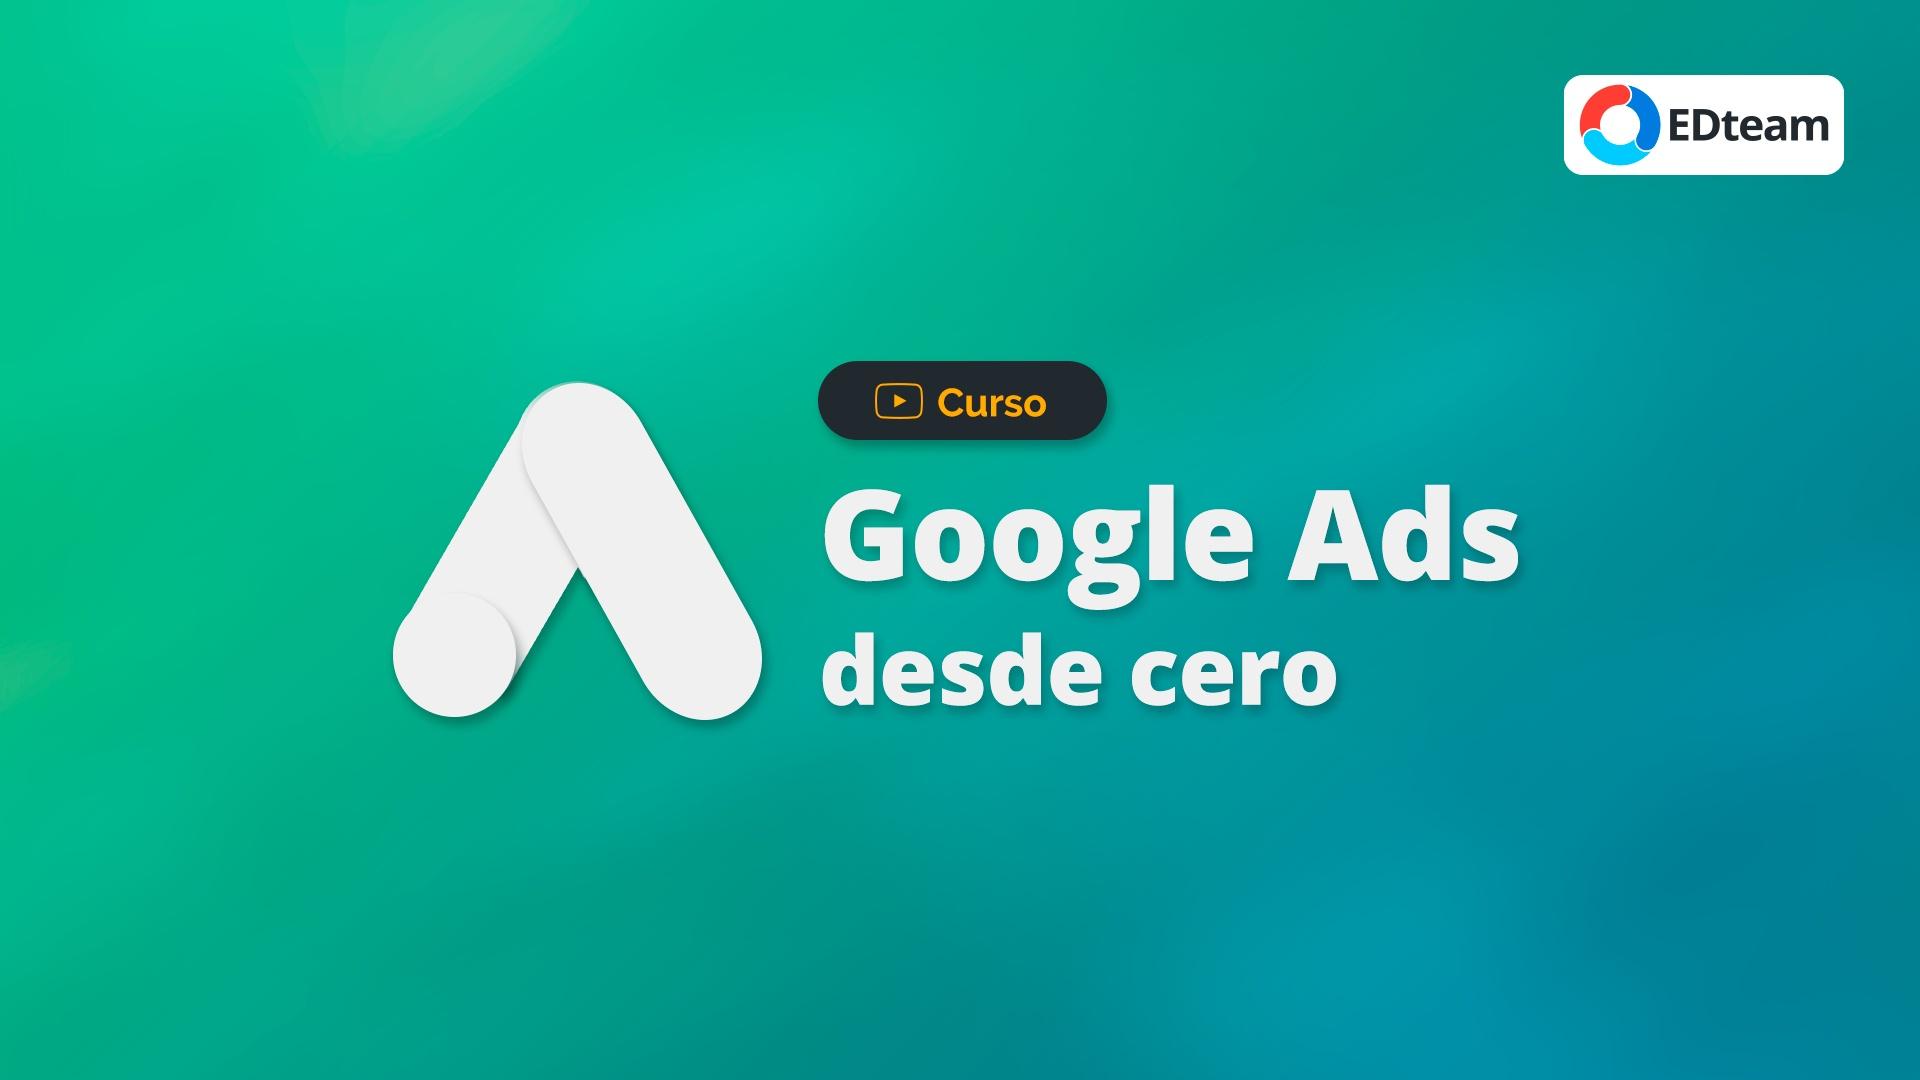 Google Ads Desde Cero